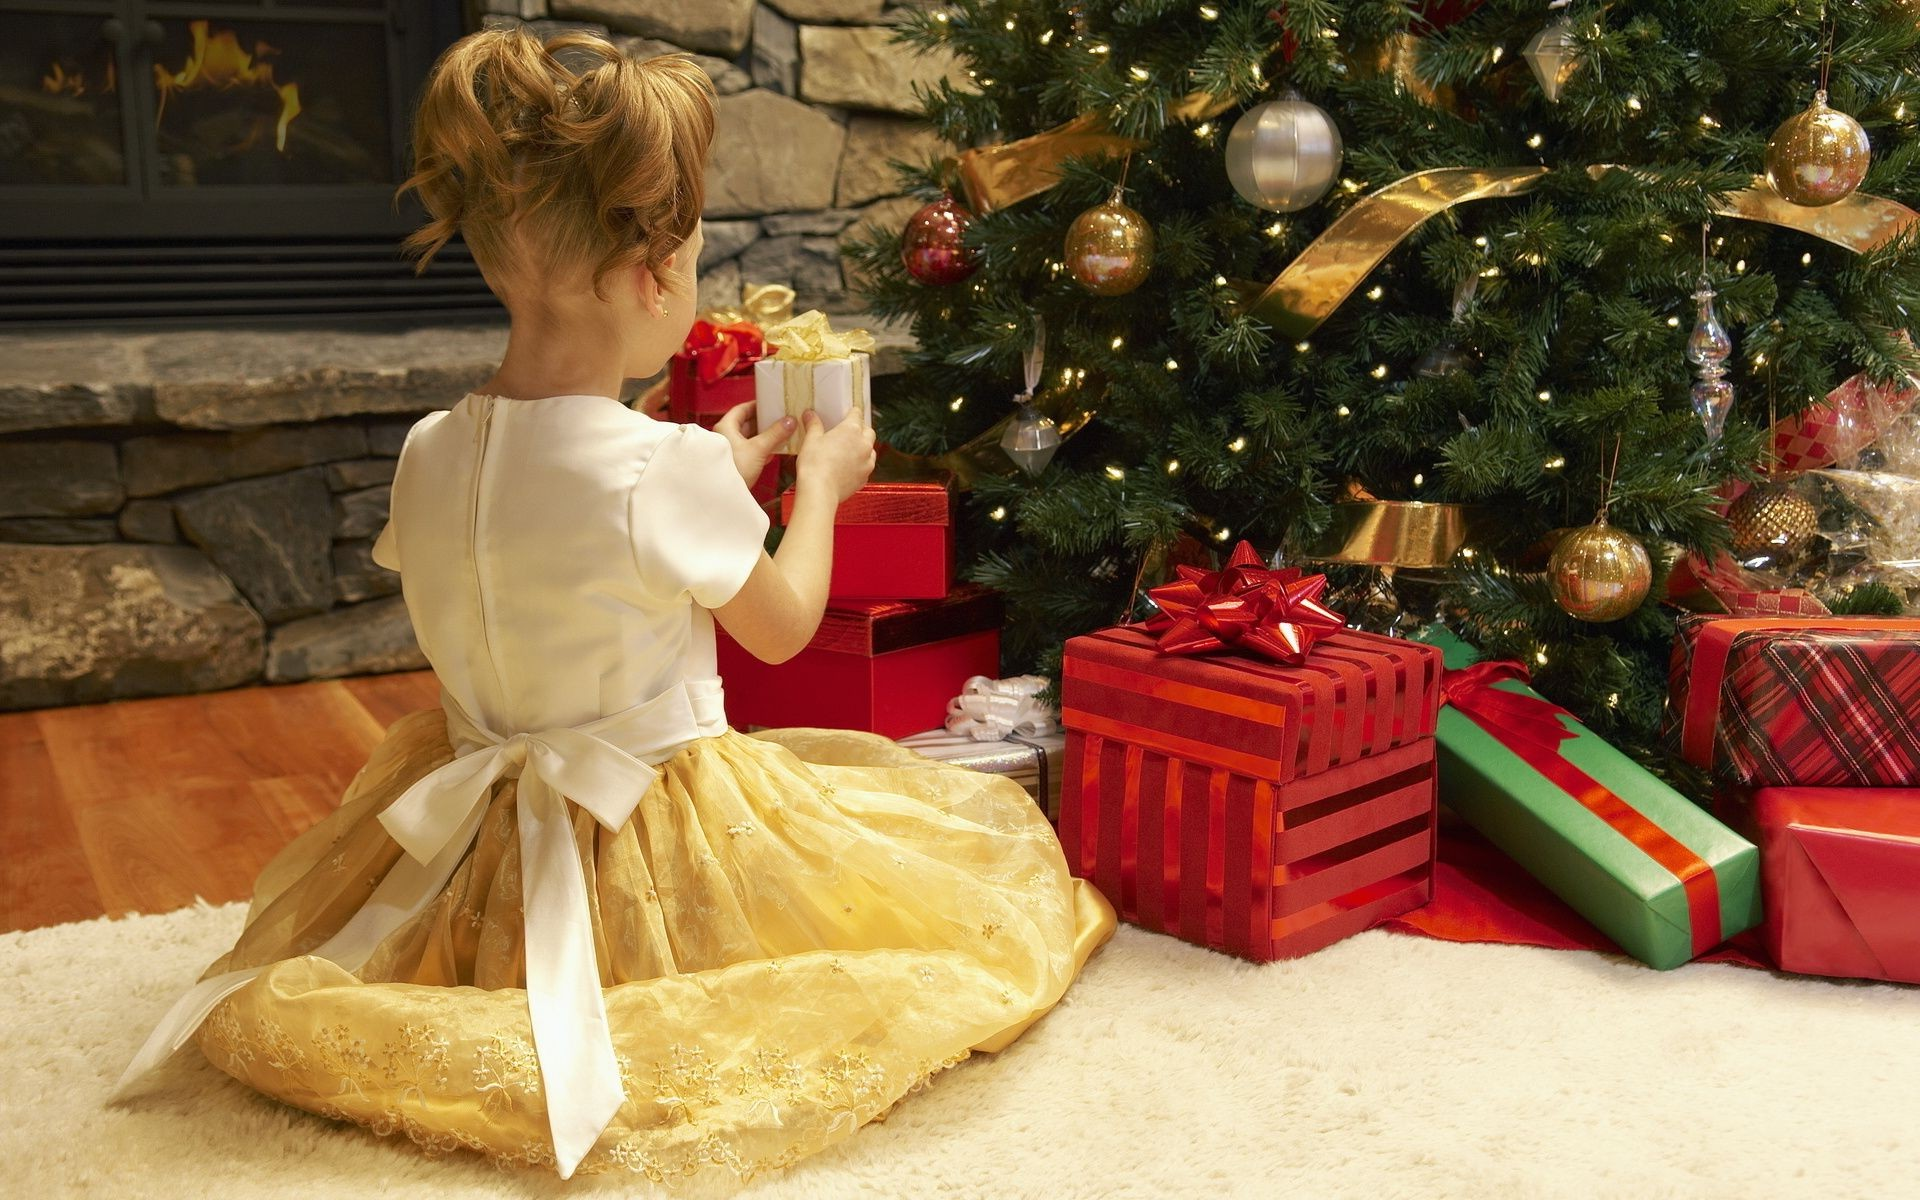 Что можно подарить девушке к новому году